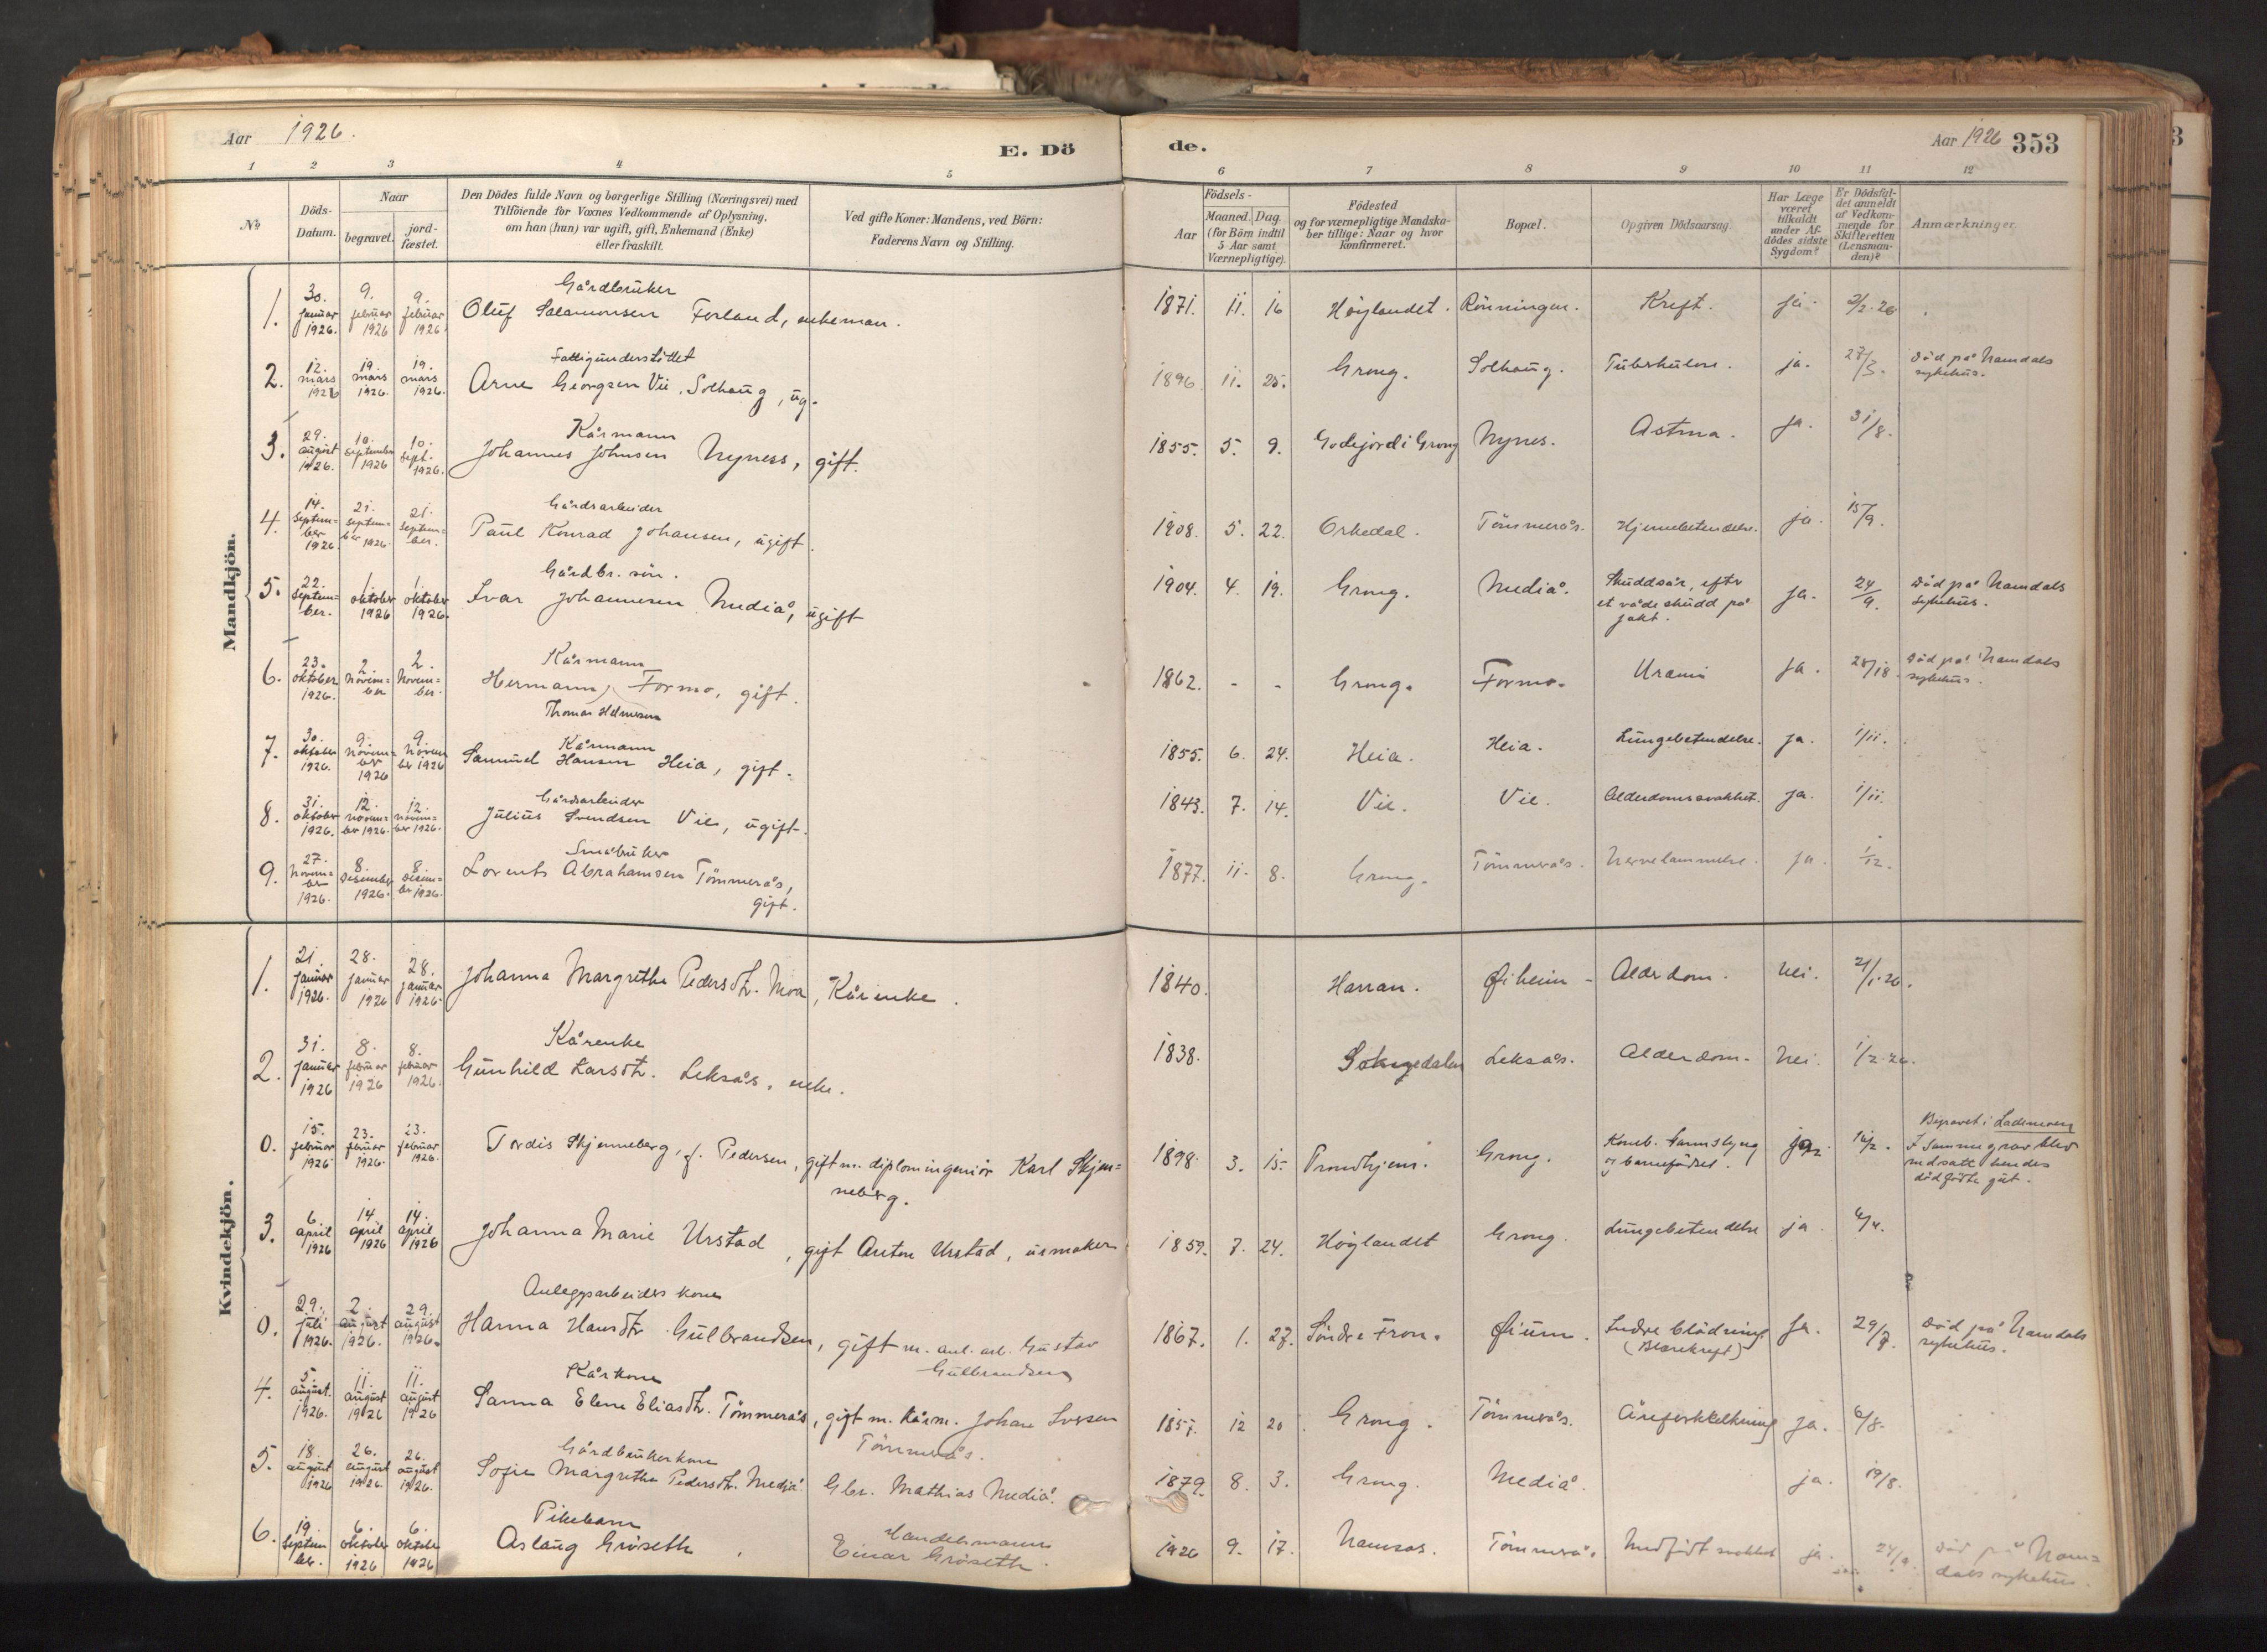 SAT, Ministerialprotokoller, klokkerbøker og fødselsregistre - Nord-Trøndelag, 758/L0519: Ministerialbok nr. 758A04, 1880-1926, s. 353